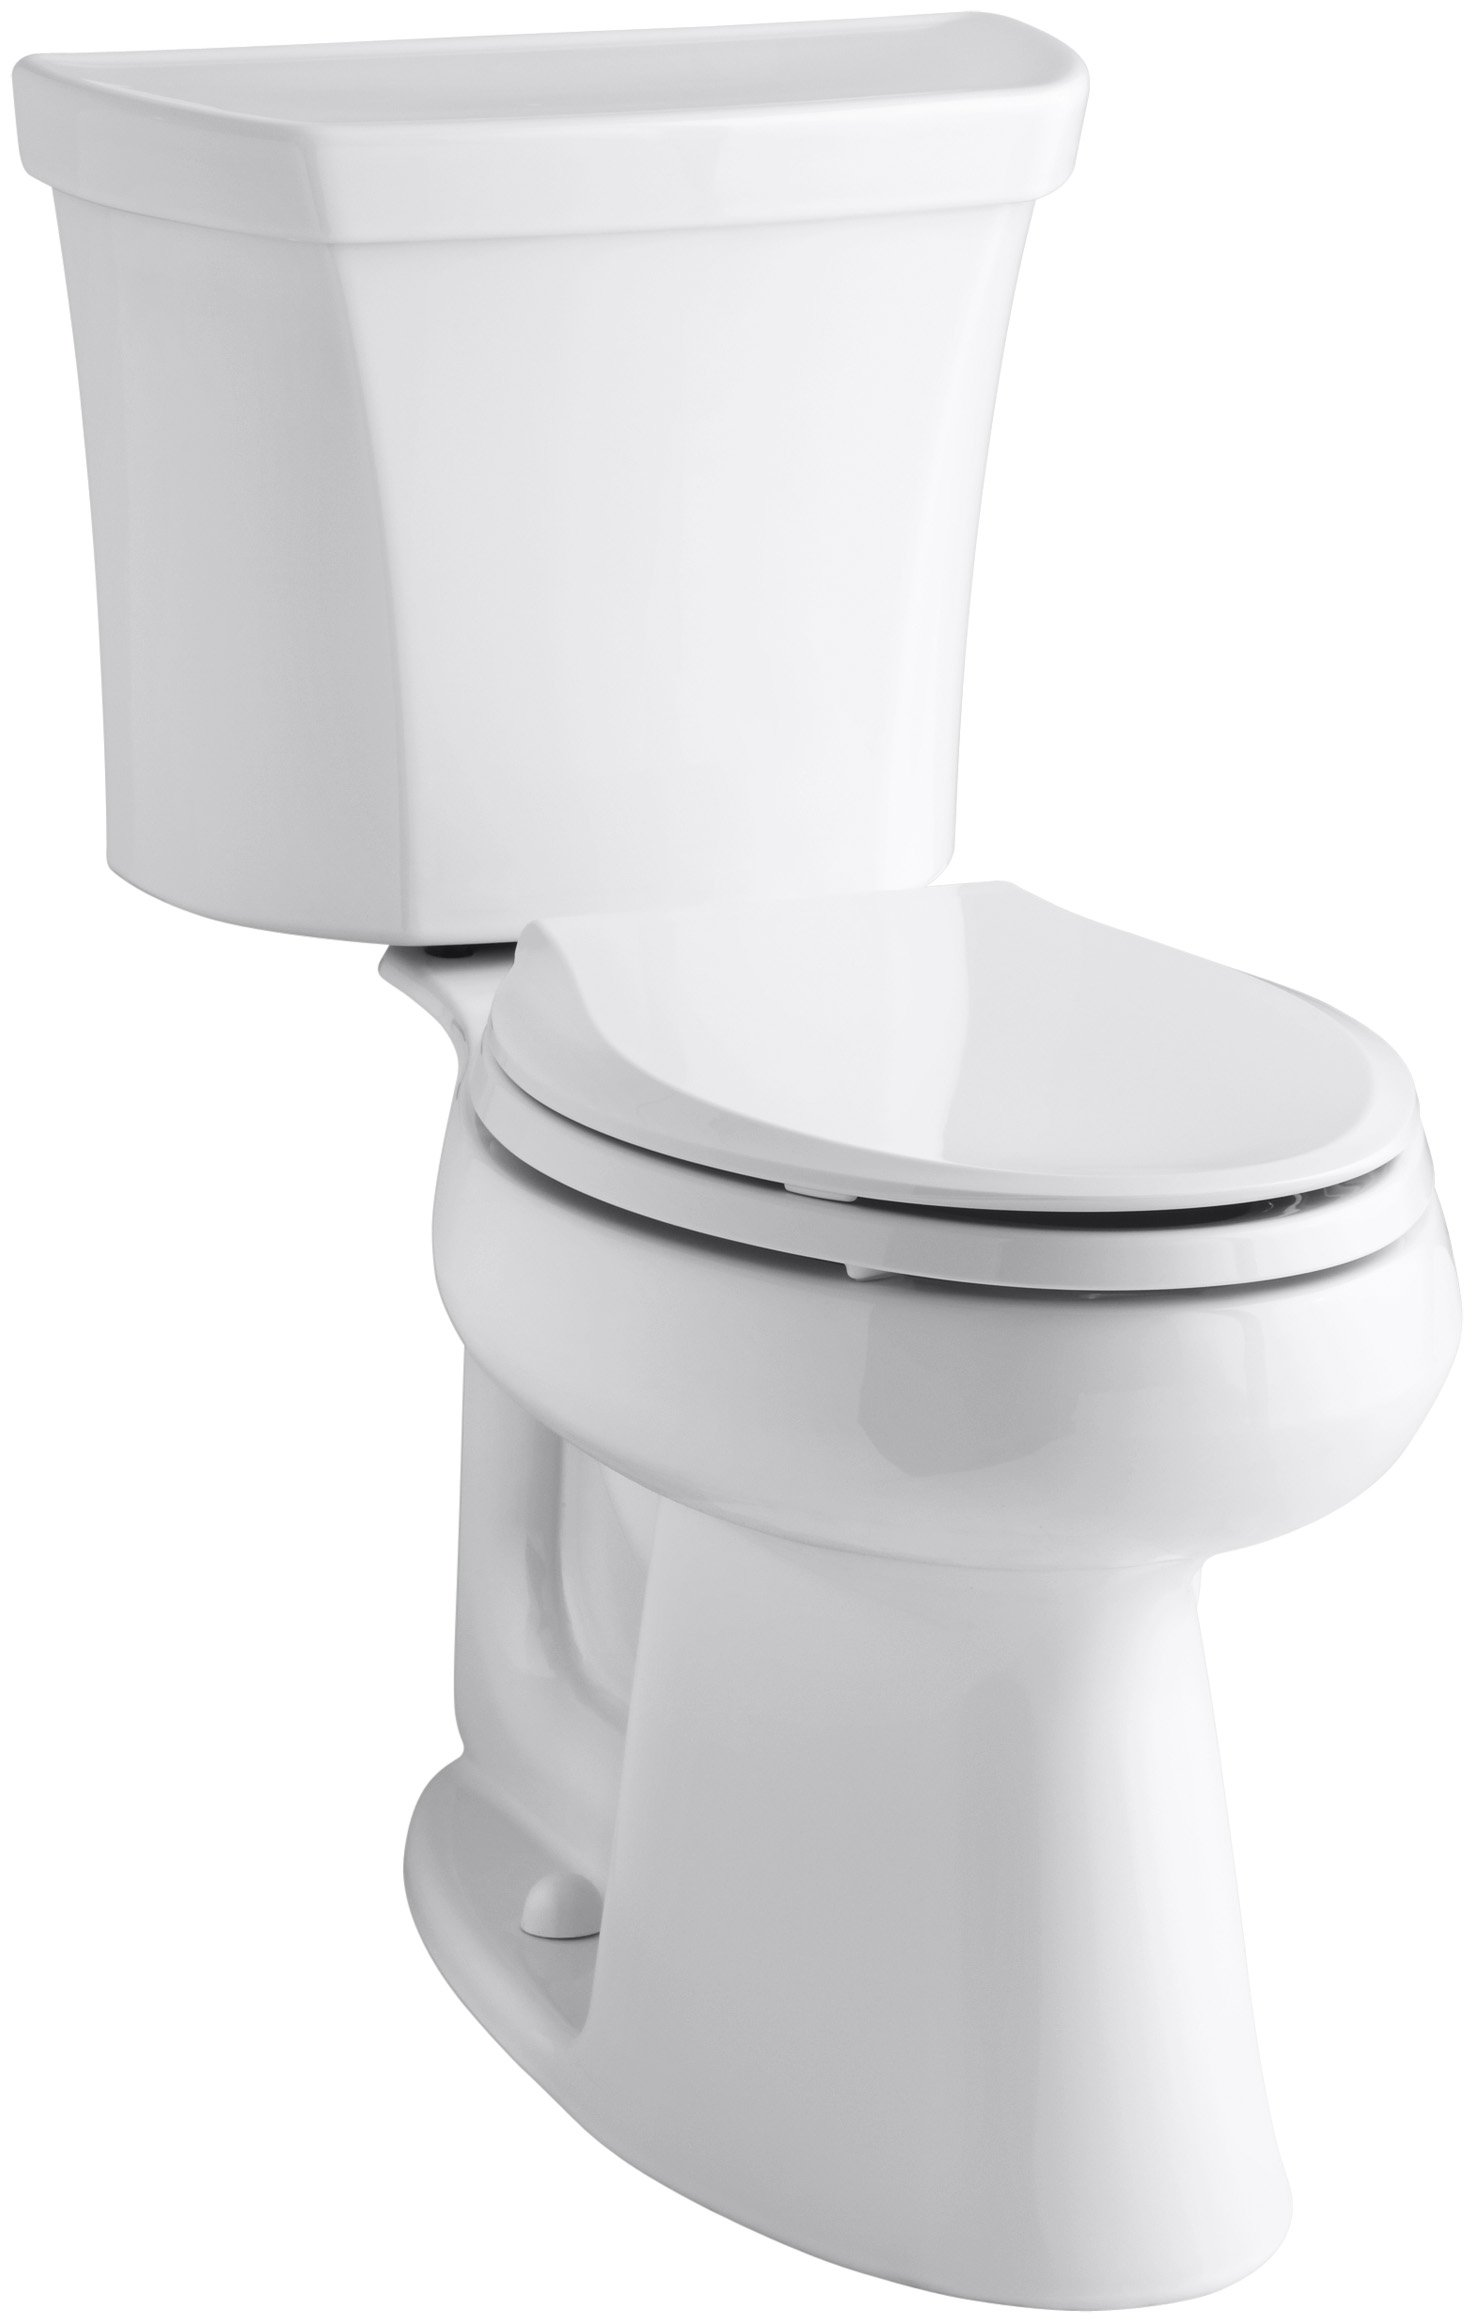 Kohler K-3979-RA-0 Highline Comfort Height 1.6 gpf Toilet, Right-Hand Trip Lever, White by Kohler